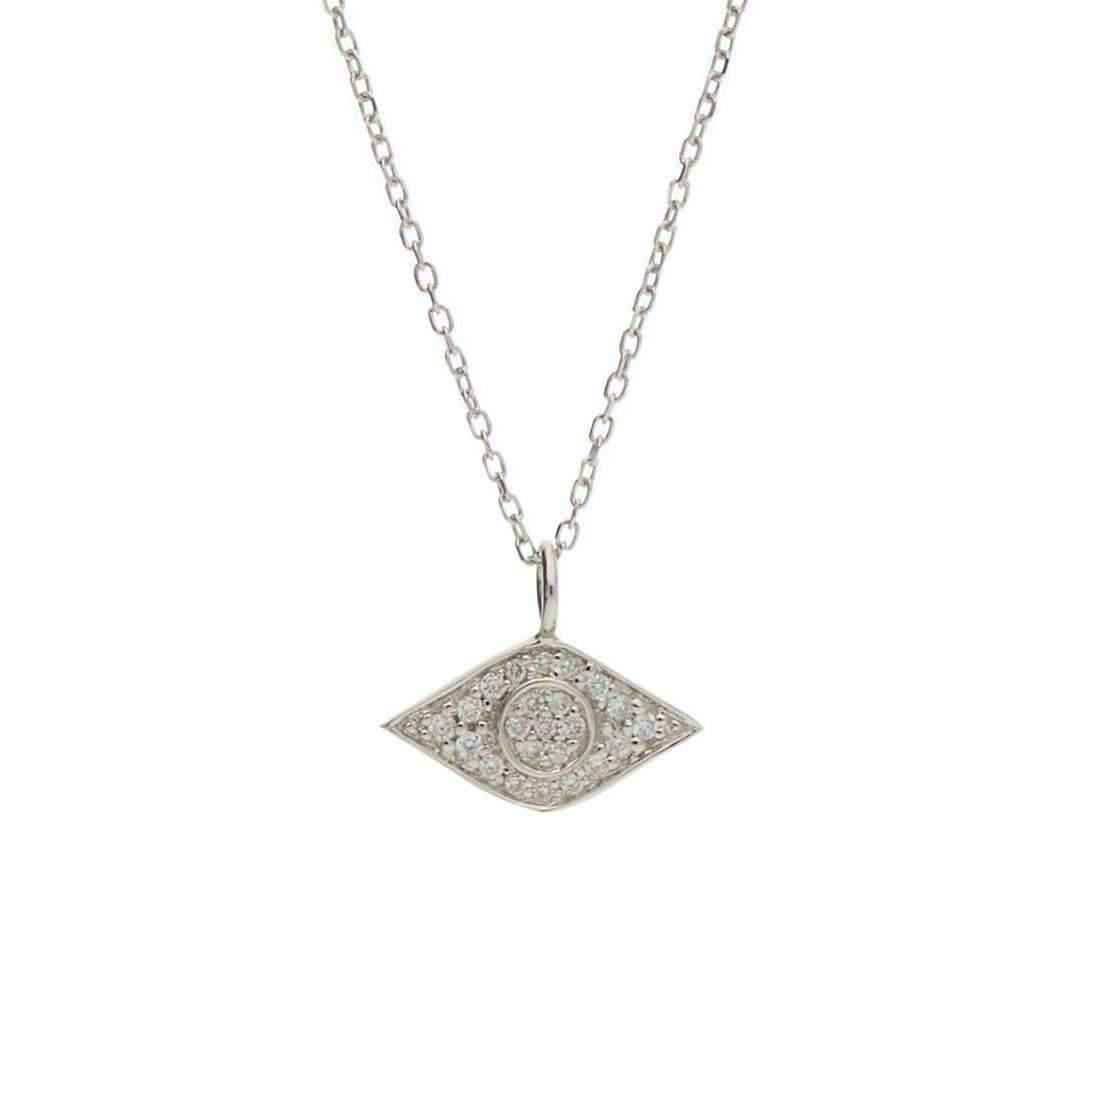 London Road Jewellery Portobello Yellow Gold Lattice Diamond Pendant 4e9Vo